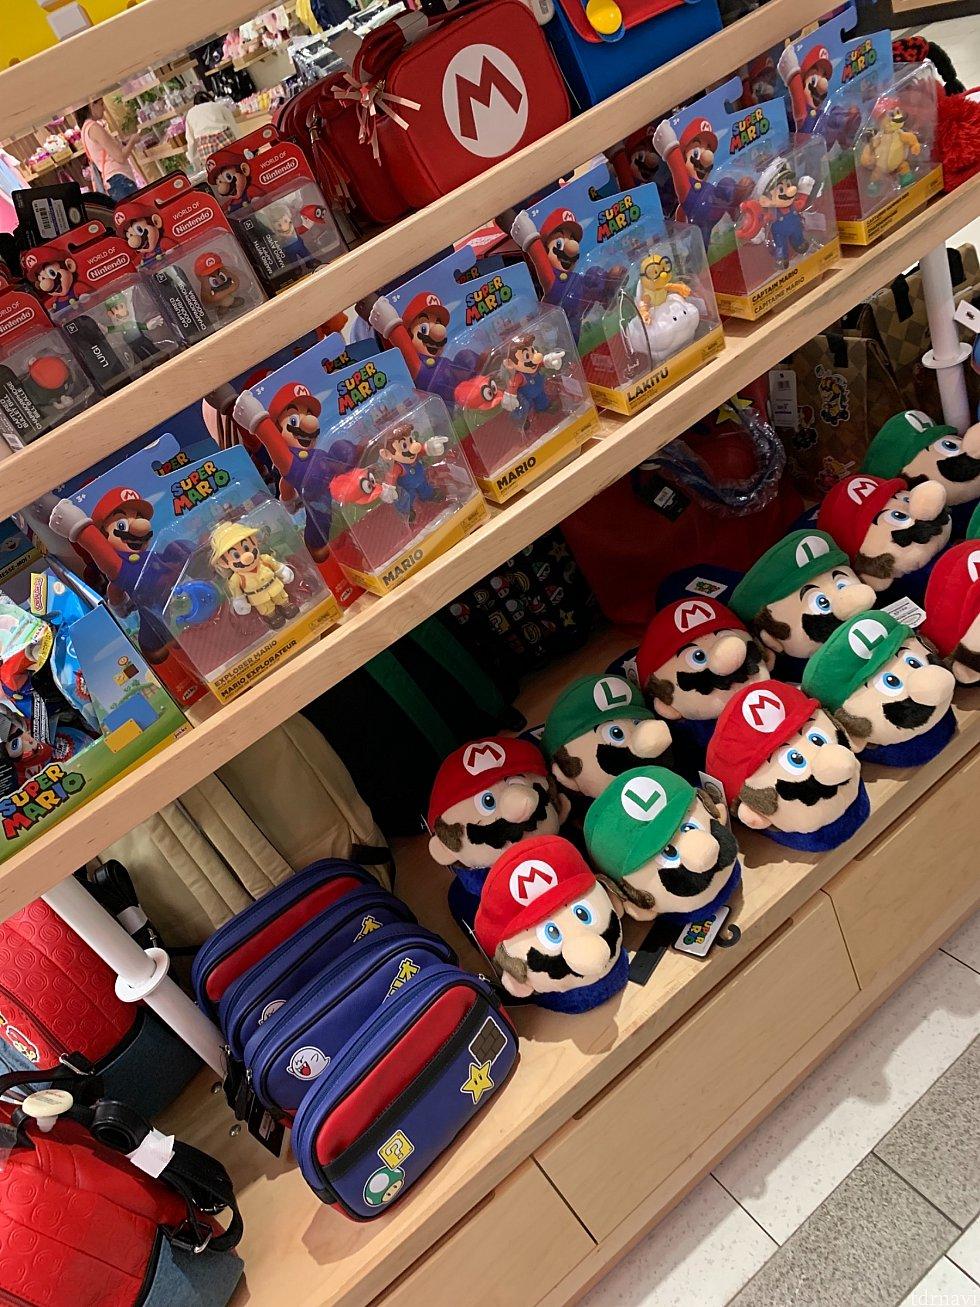 マリオをはじめ任天堂は大人気です